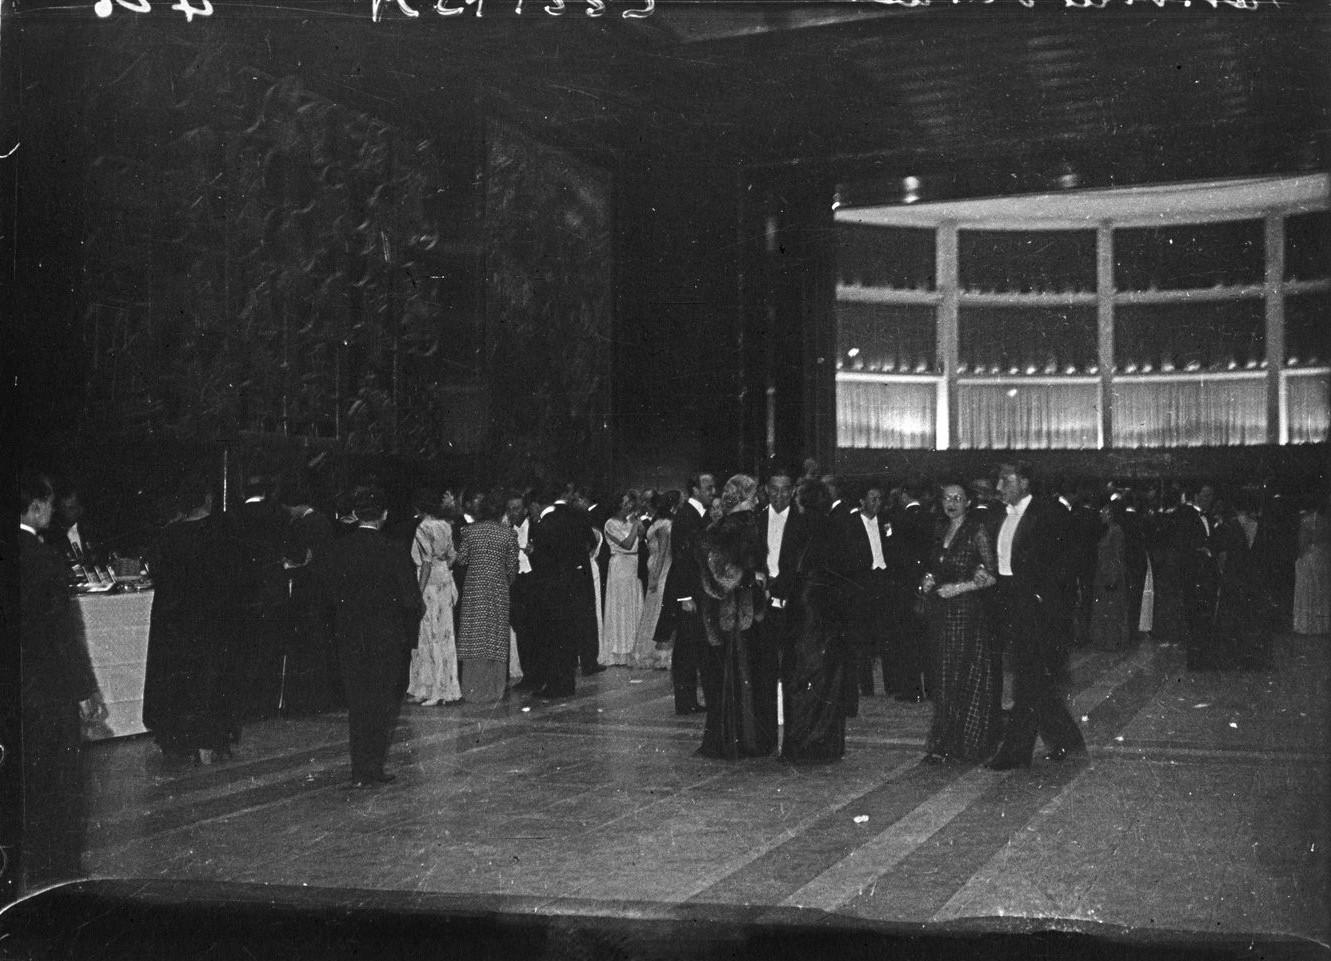 Открытие павильона города Париж (Музей современного искусства). 24 мая 1937